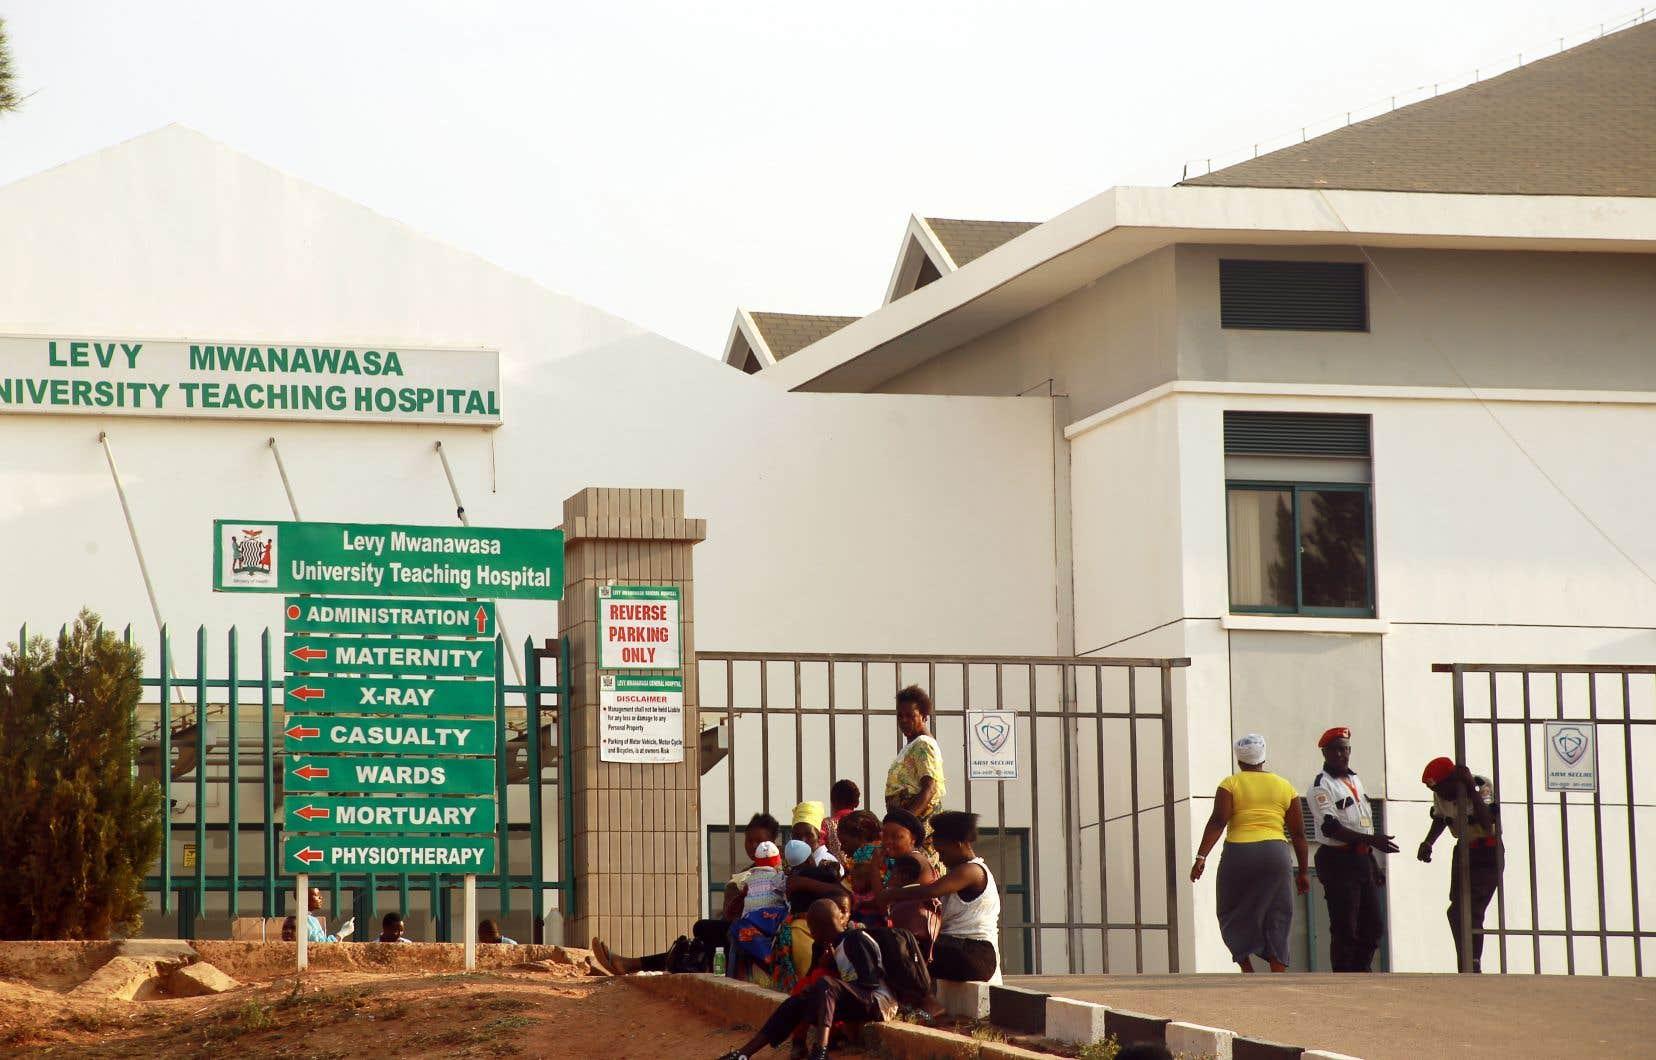 La capitale zambienne,Lusaka, a été régulièrement frappée par des épisodes de choléra ces dernières années.